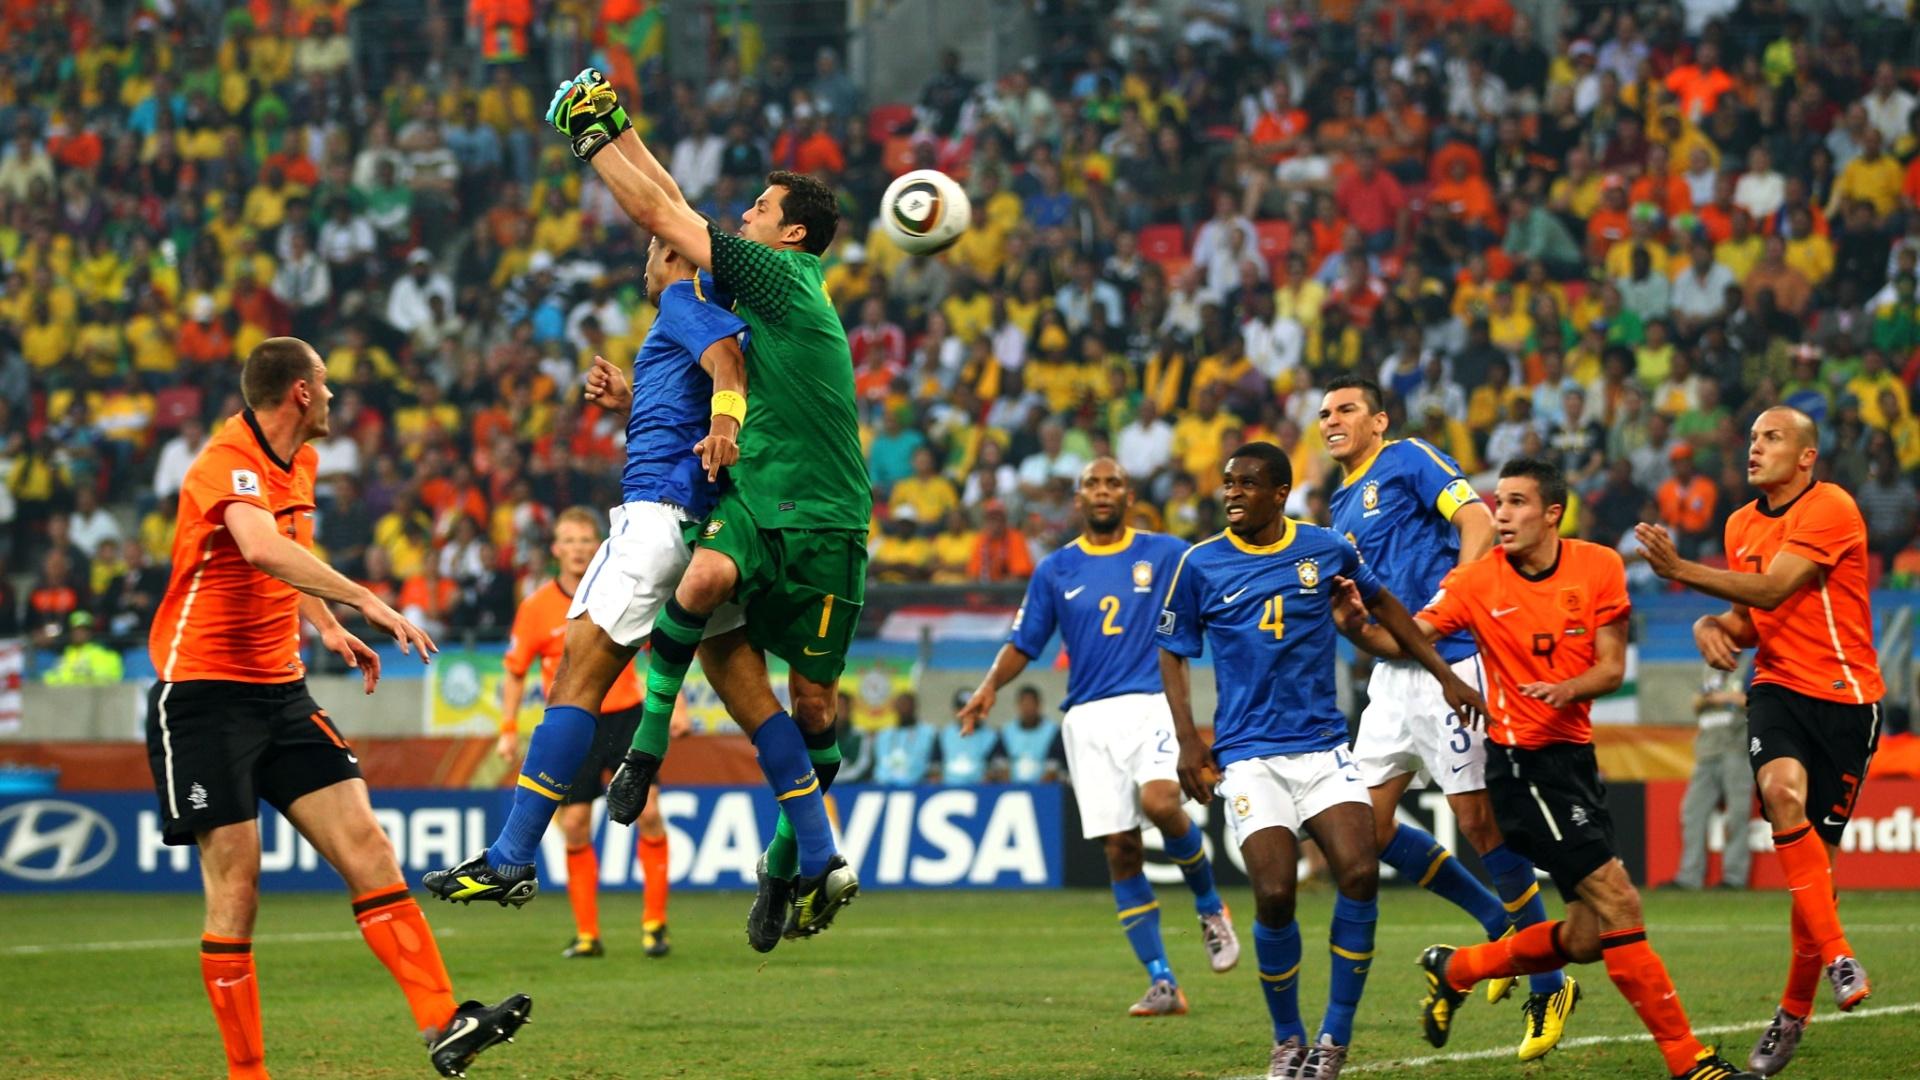 Com contribuição de Felipe Melo, Julio Cesar falha e Holanda elimina o Brasil da Copa de 2010